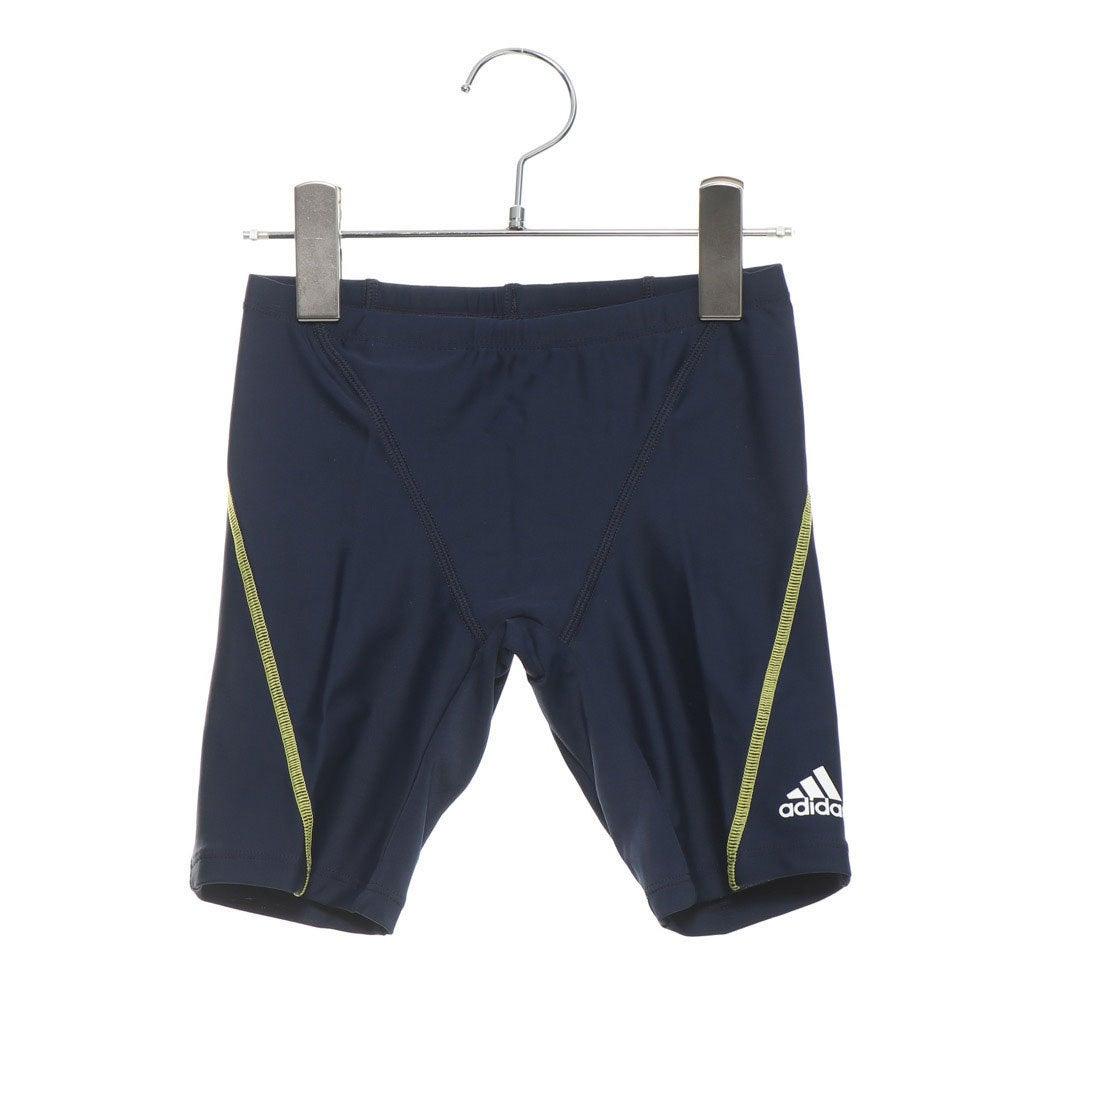 アディダス adidas ジュニア 水泳 スクール水着 フィットネスタイツ 20CM DV0889【返品不可商品】